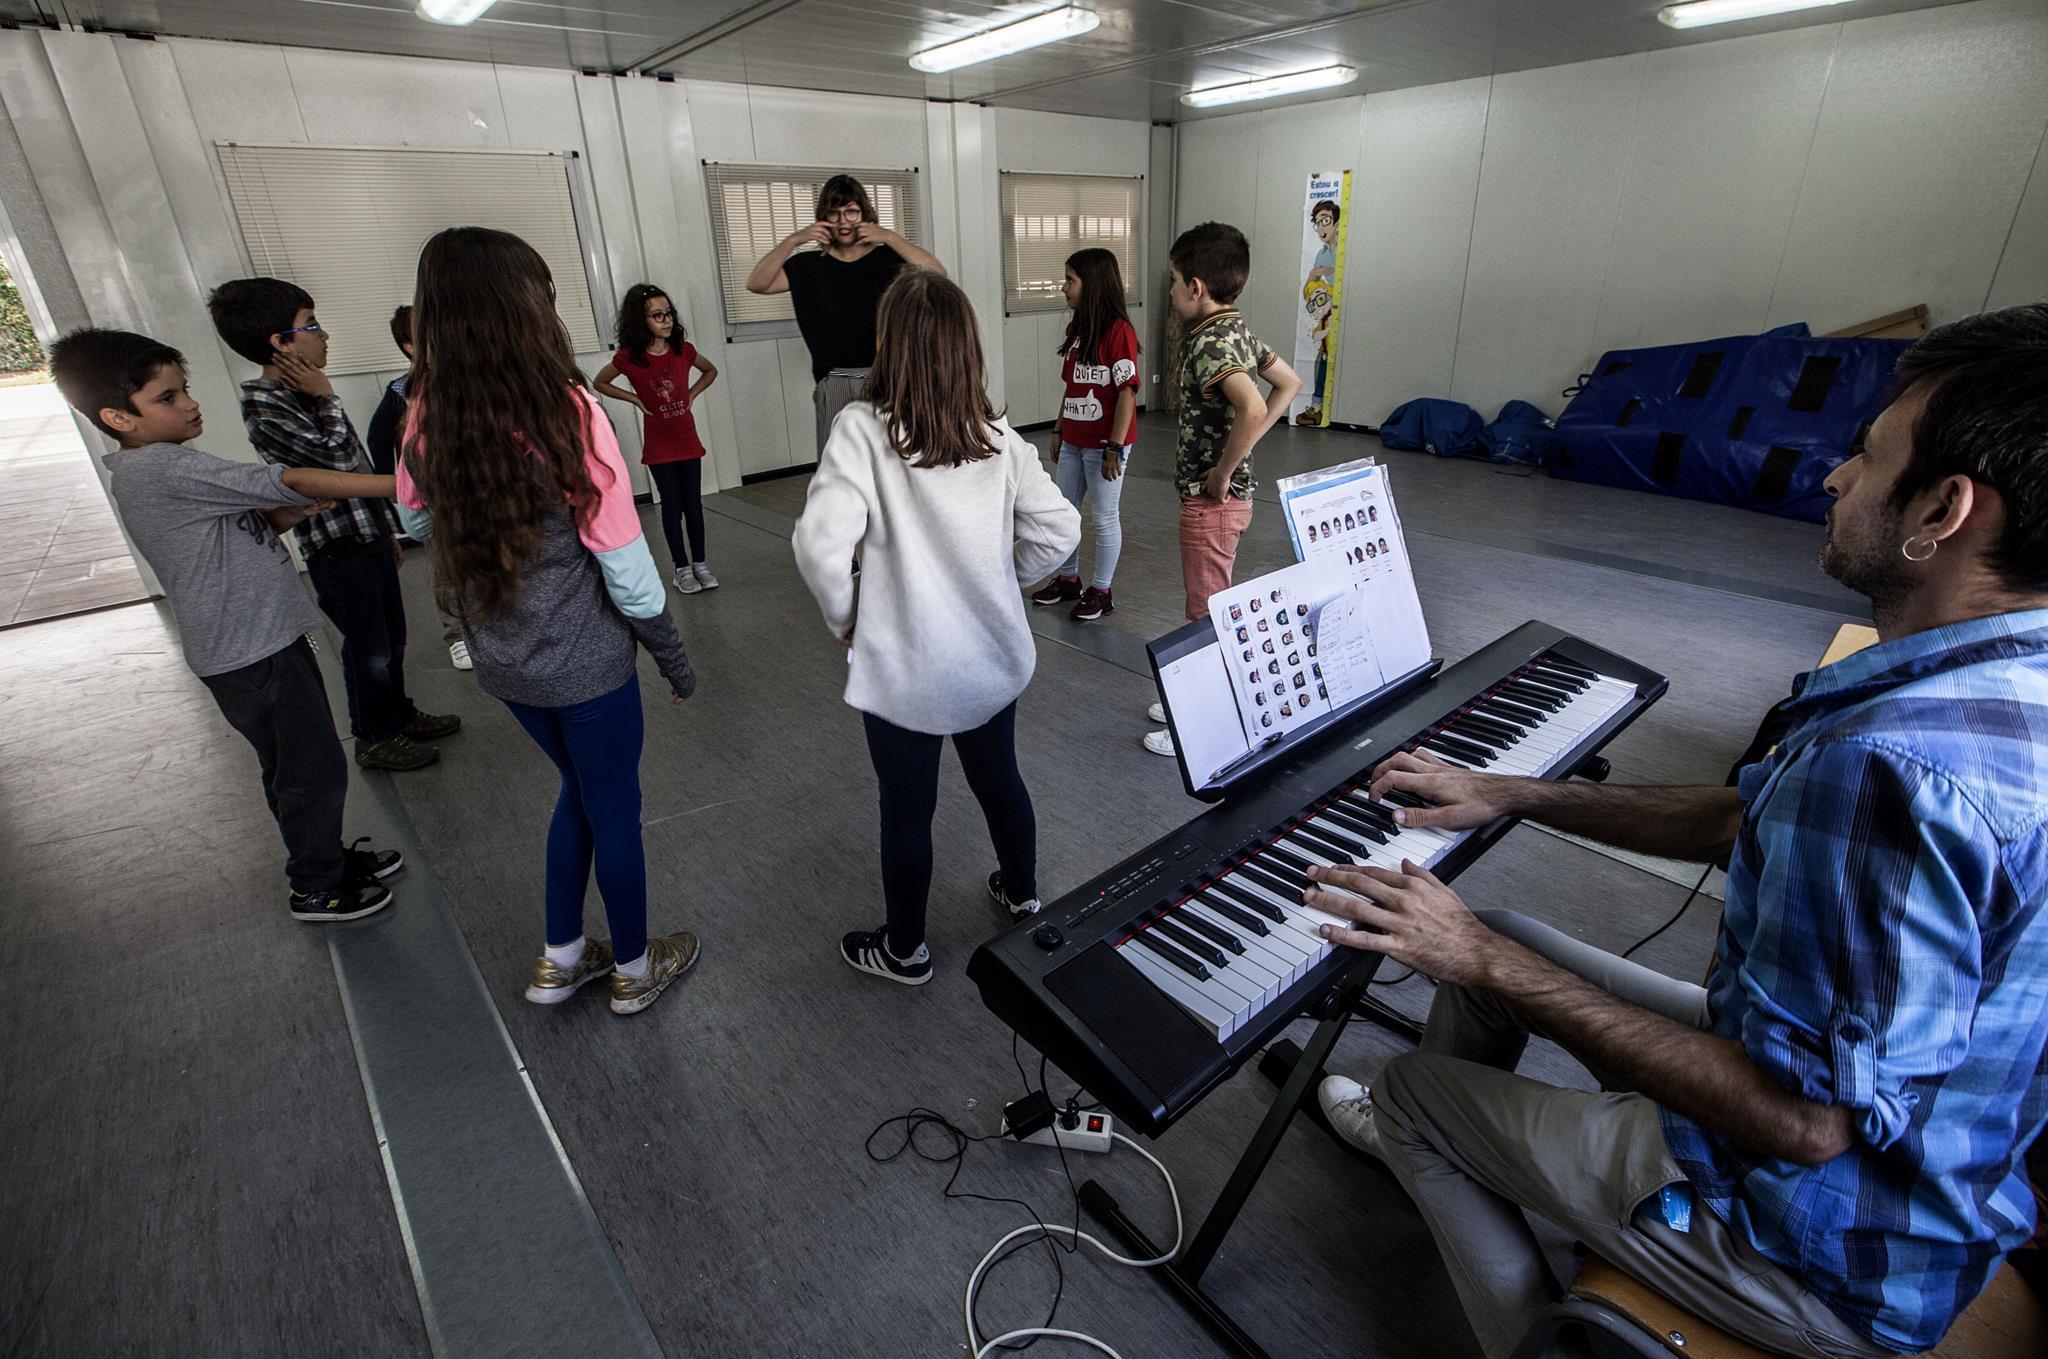 PÚBLICO - Há um coro de pequenos cantores a nascer na Casa da Música